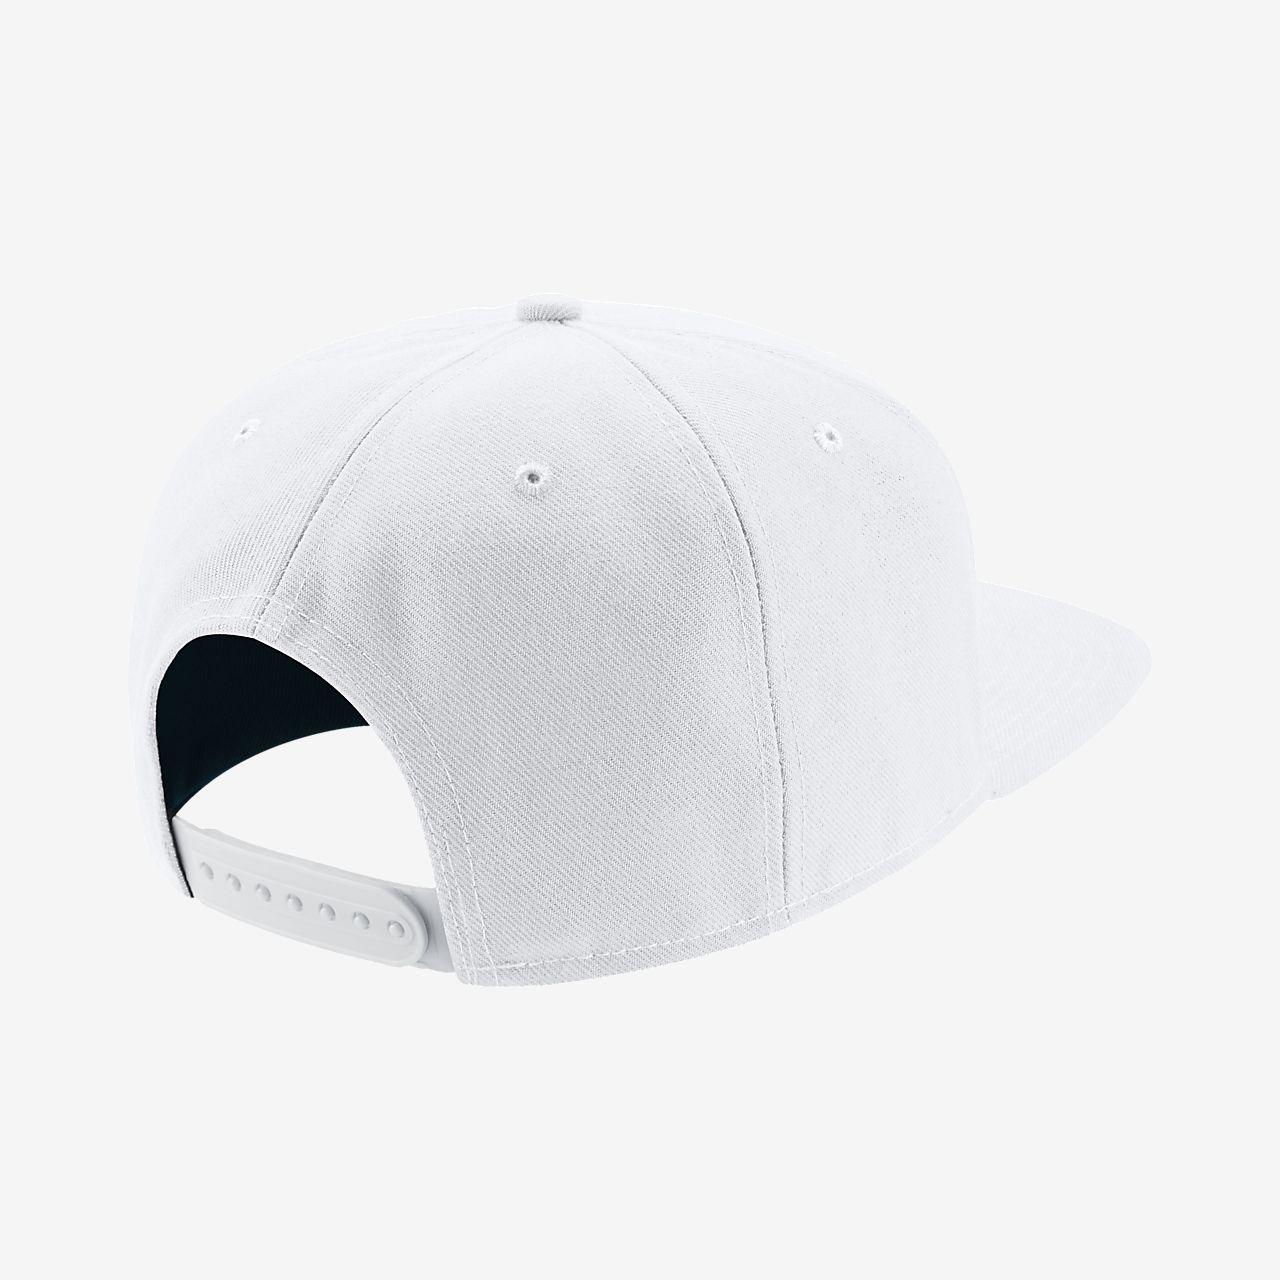 731d4f11d724d Nike Sportswear Pro Swoosh Adjustable Hat. Nike.com NL